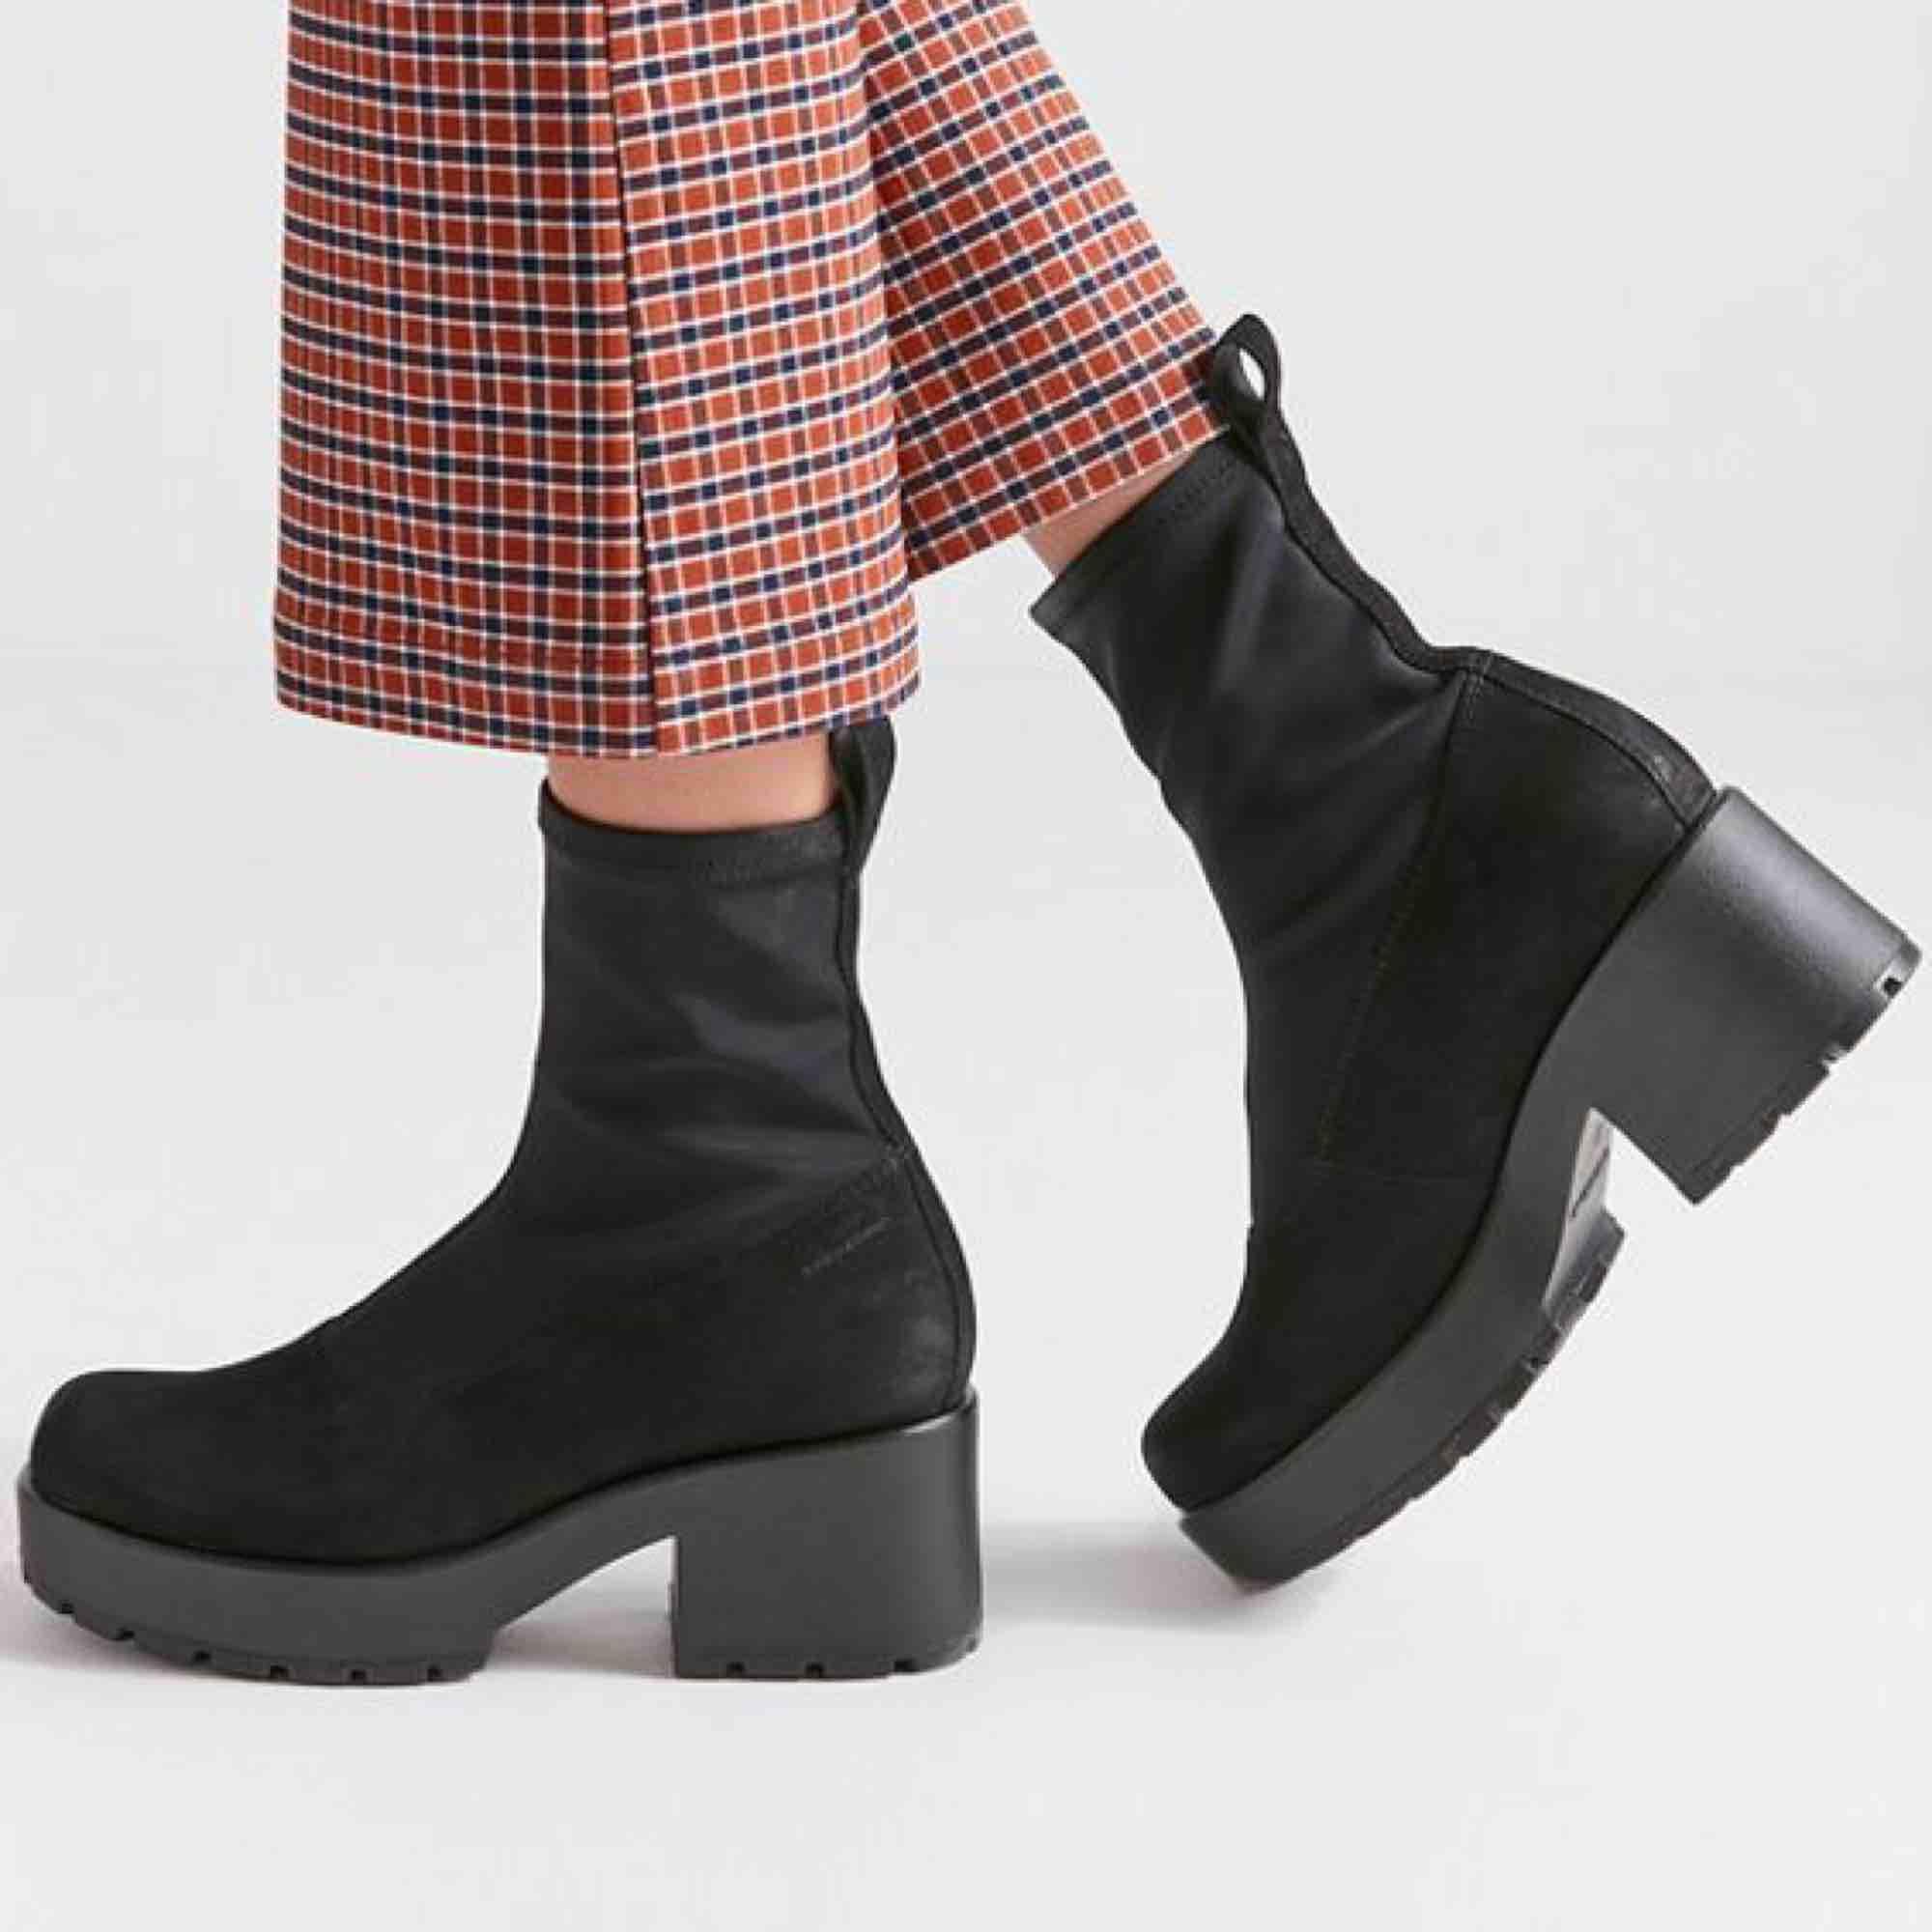 De perfekta bootsen Vagabond dioon stretch som köptes i våras men jag tyvärr måste sälja pga lite för stora för mig. Använda kanske 10 gånger men finns absolut inga flaws på dom. Frakt ingår i priset!🌟. Skor.